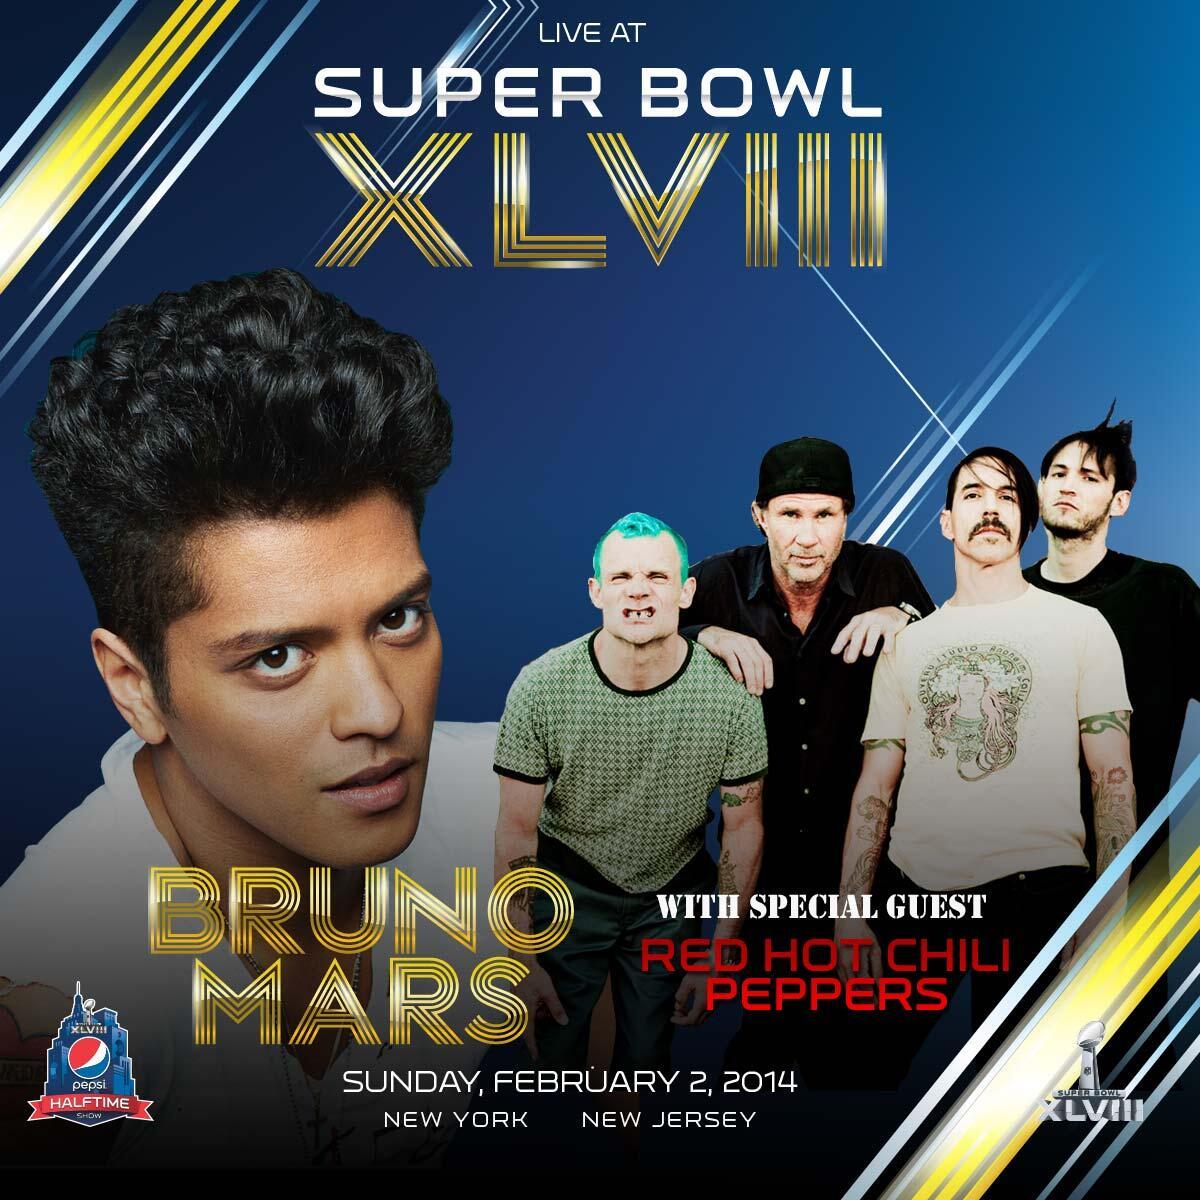 Bruno Mars >> Super Bowl Halftime 2014 Performance [Actuación pág. 1] - Página 3 BduhPltIcAAyLLq